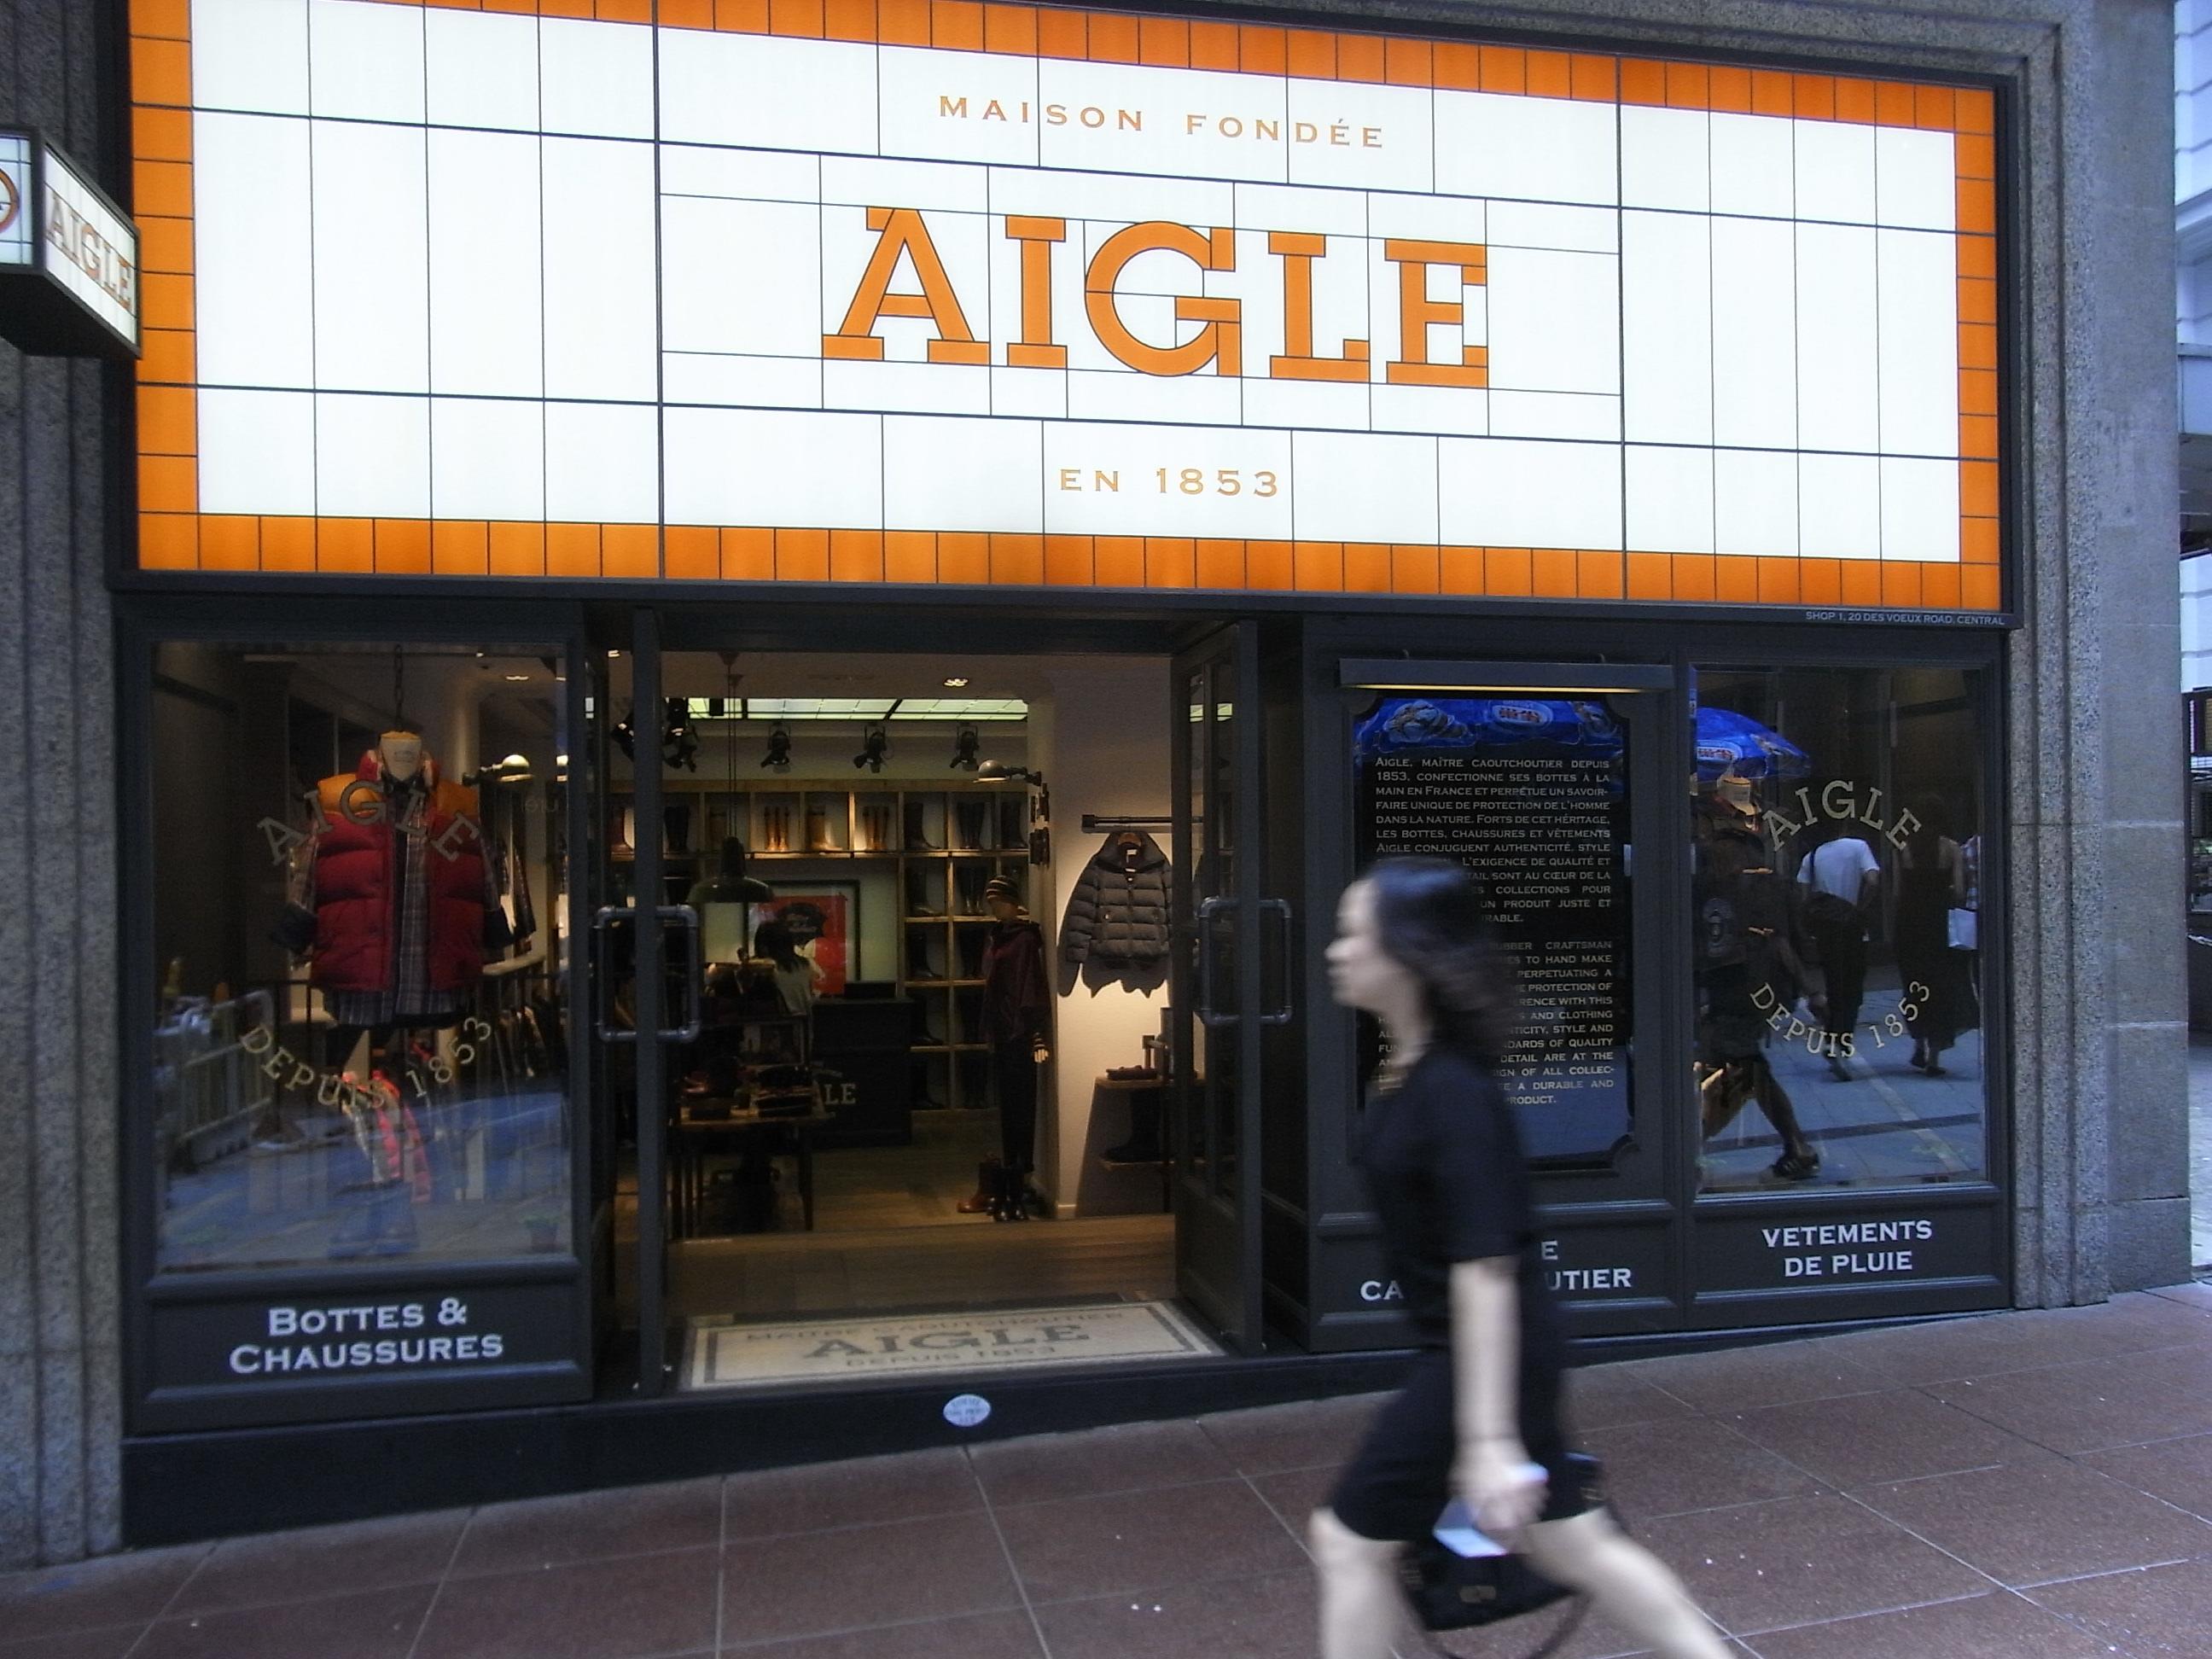 File House Tak En Lane Shing hk Aigle Theatre 1853 Shop Central RnYq6ARIr